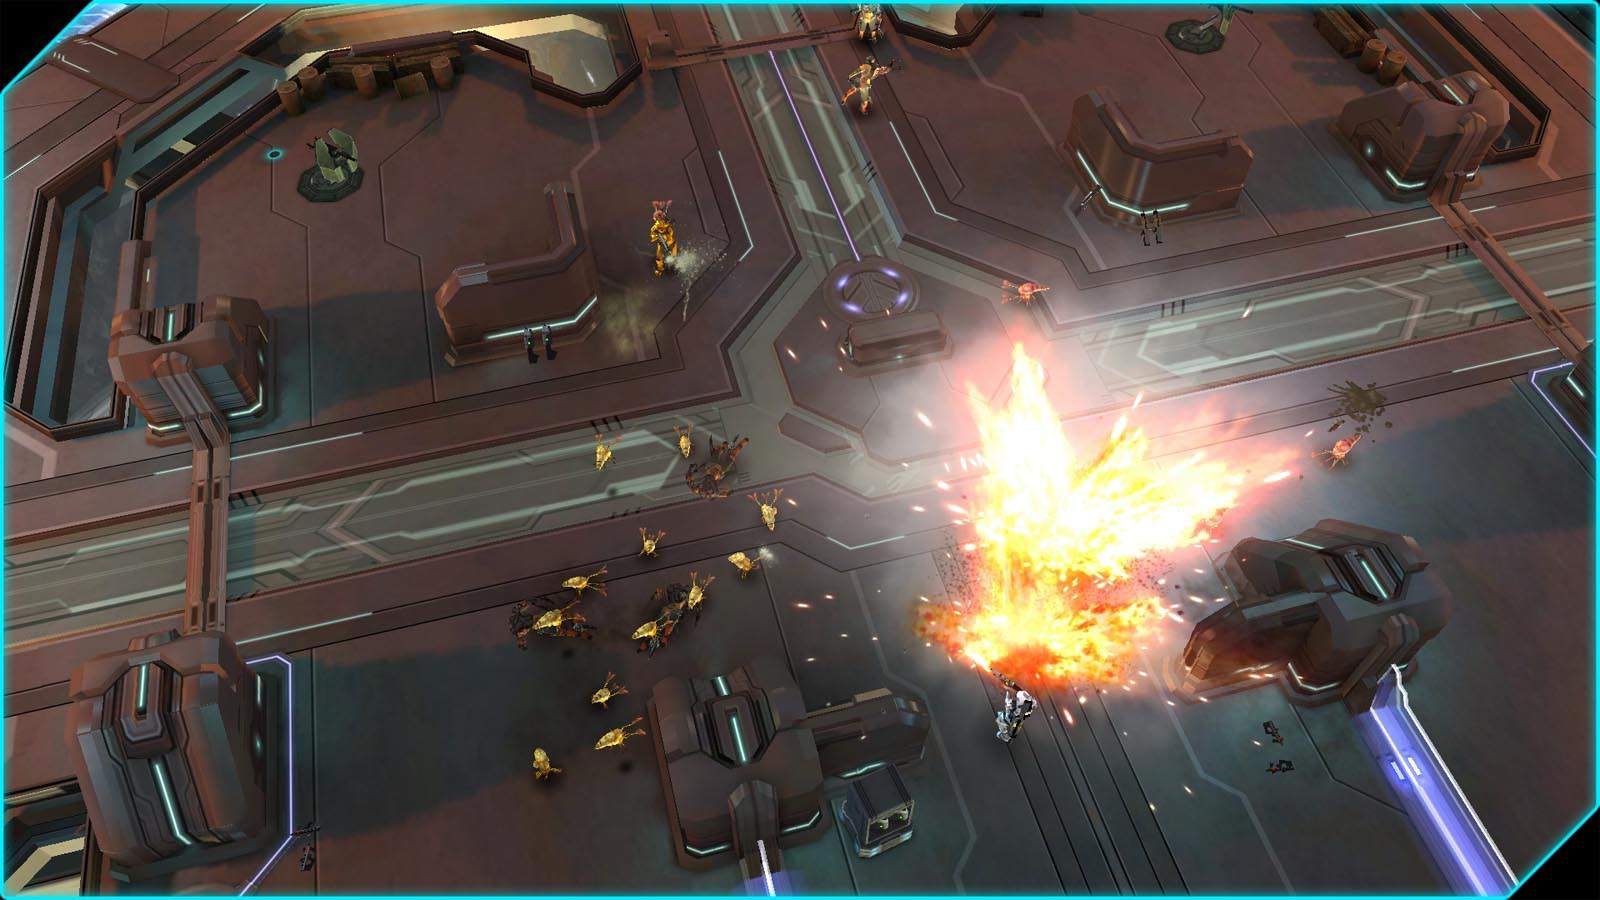 تحميل لعبة Halo Spartan Assault مضغوطة برابط واحد مباشر كاملة مجانا